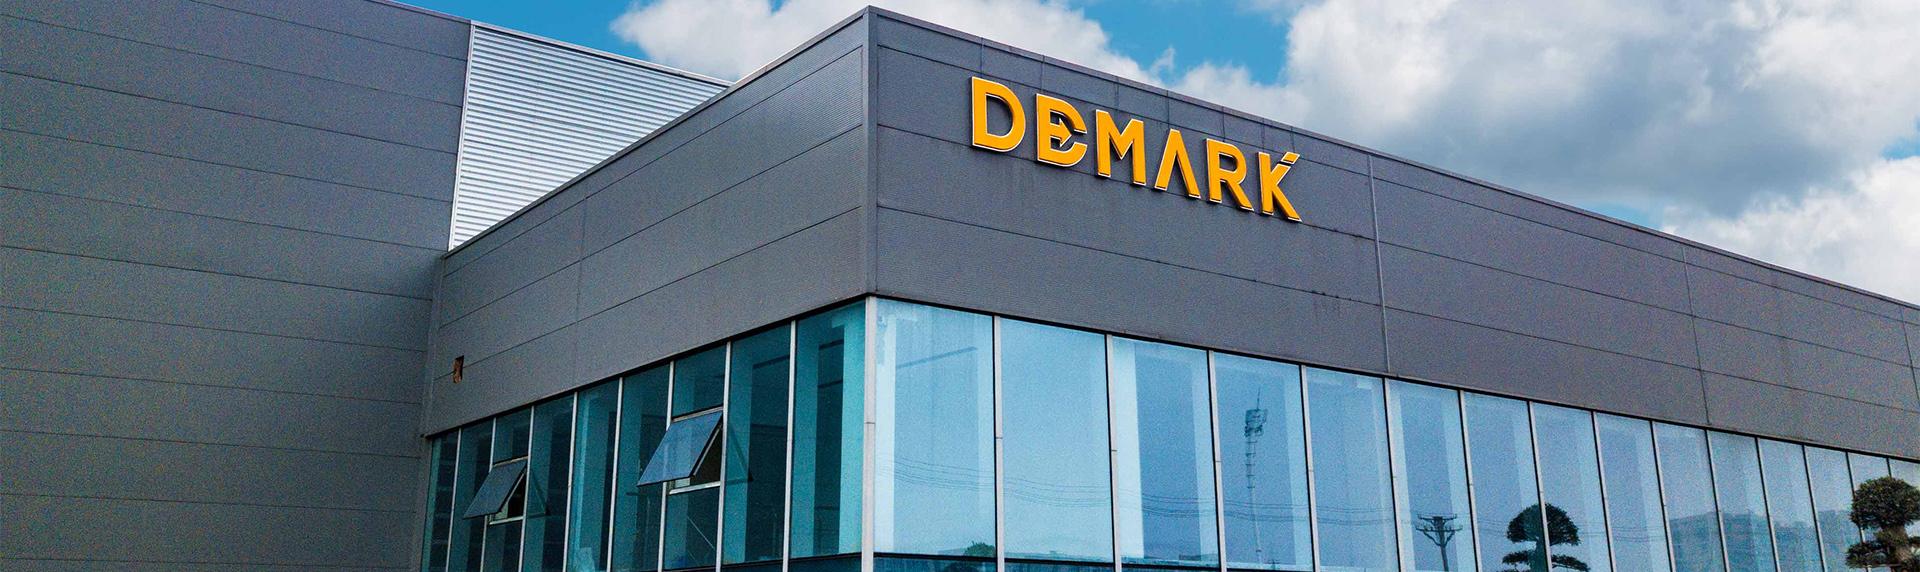 SSC设计-德玛克新厂区导视系统设计